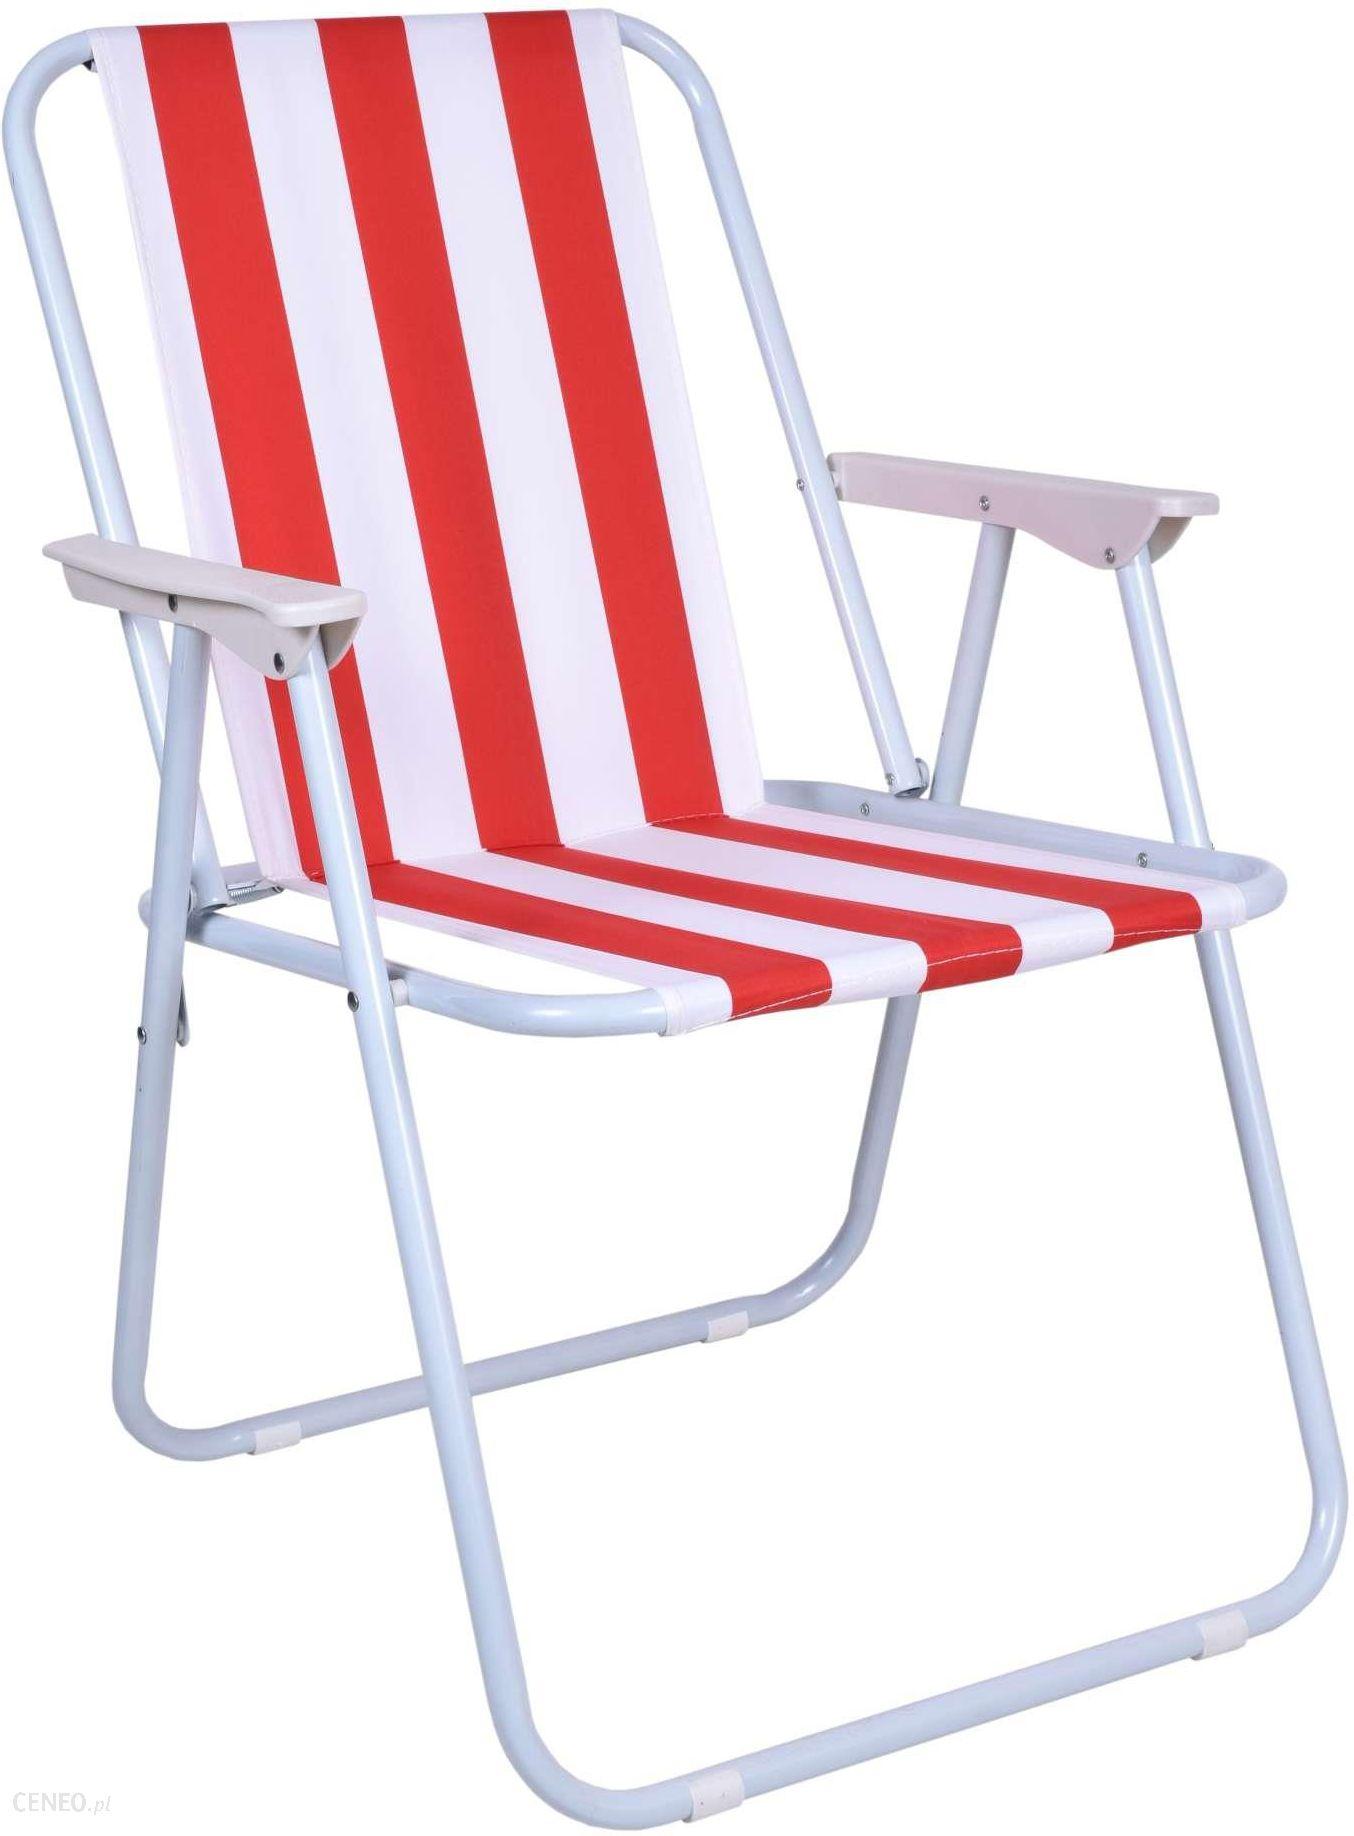 Krzeslo Ogrodowe Ehokery Krzeslo Turystyczne Skladane Alan